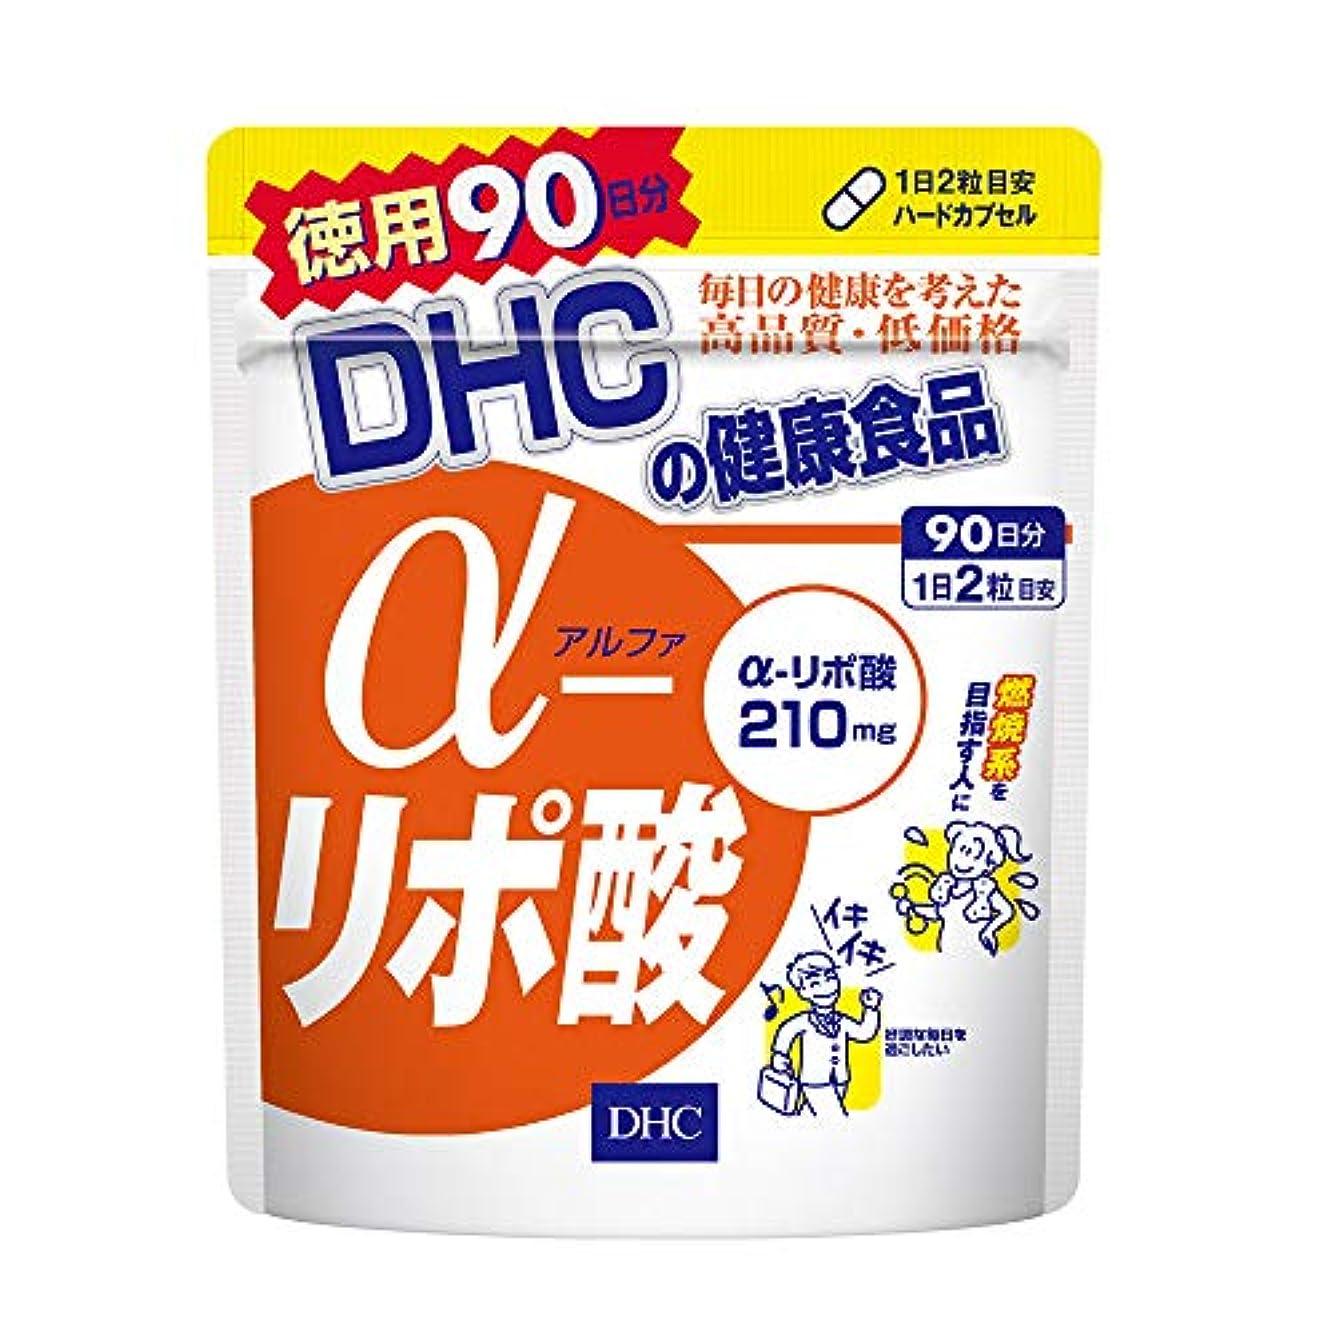 壮大なブレーキ引き付けるDHC α(アルファ)-リポ酸 徳用90日分